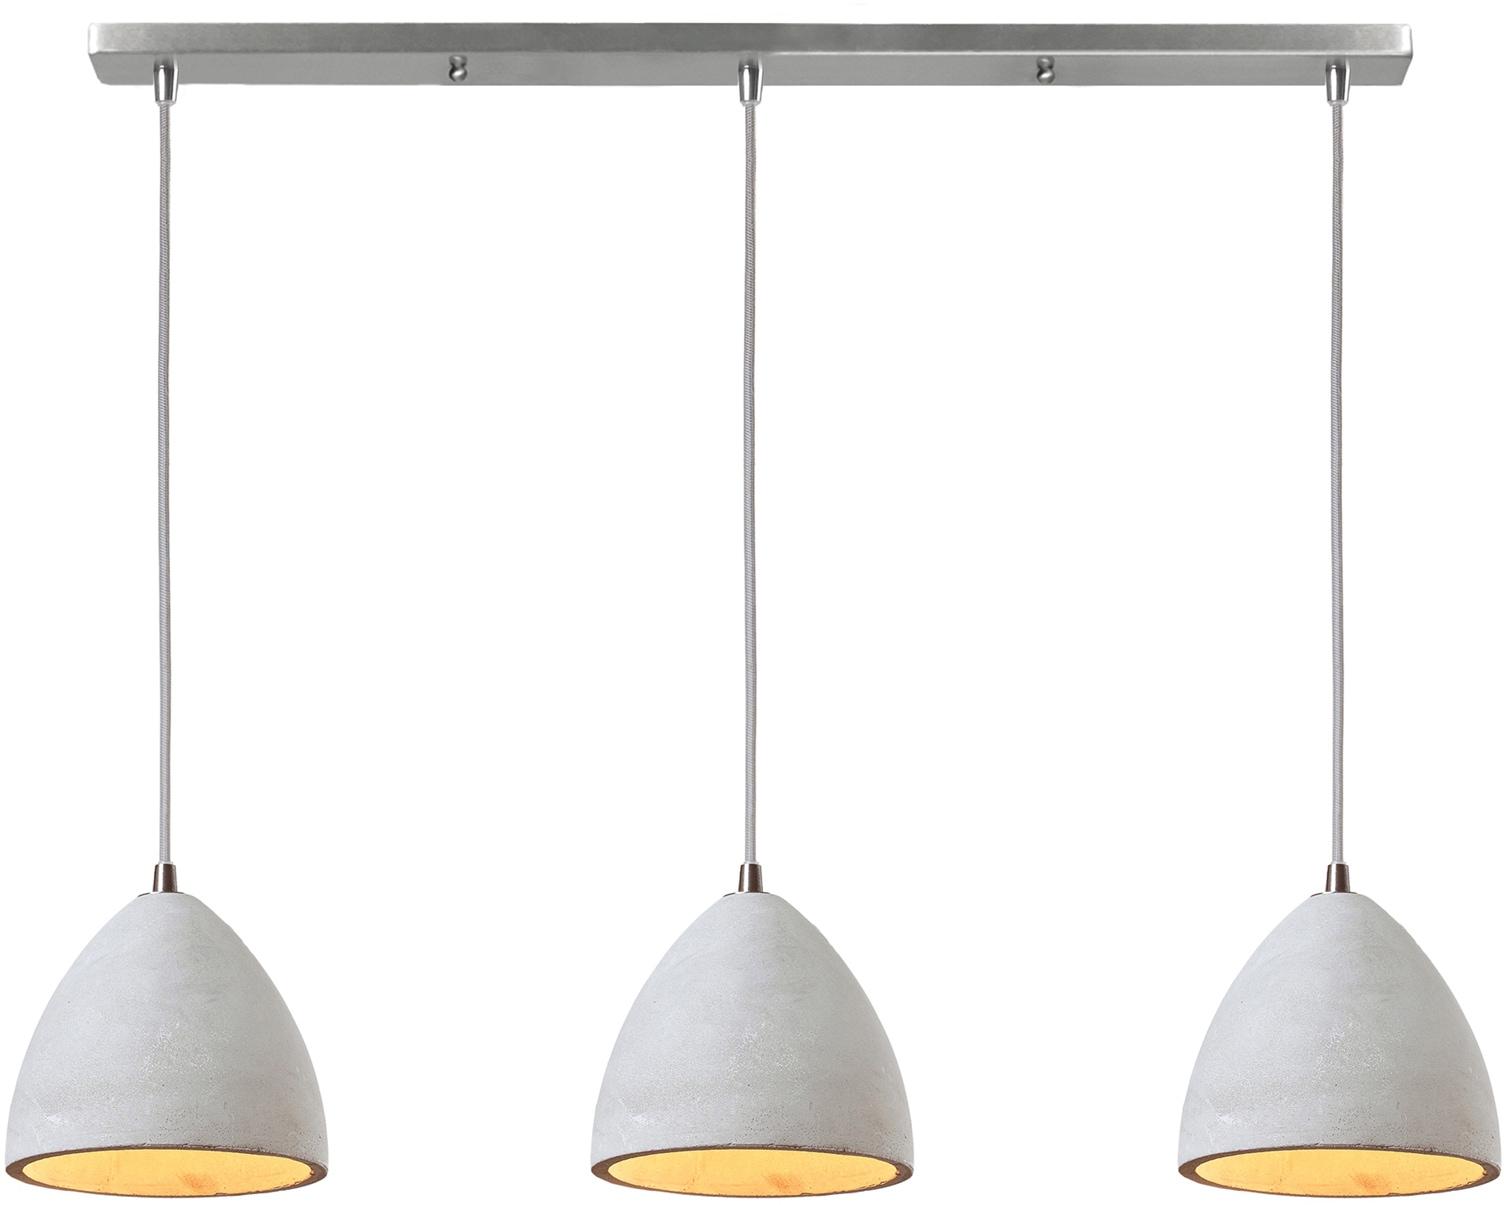 SalesFever Hängeleuchte Nora, E27, 3x Lampenschirme aus Beton